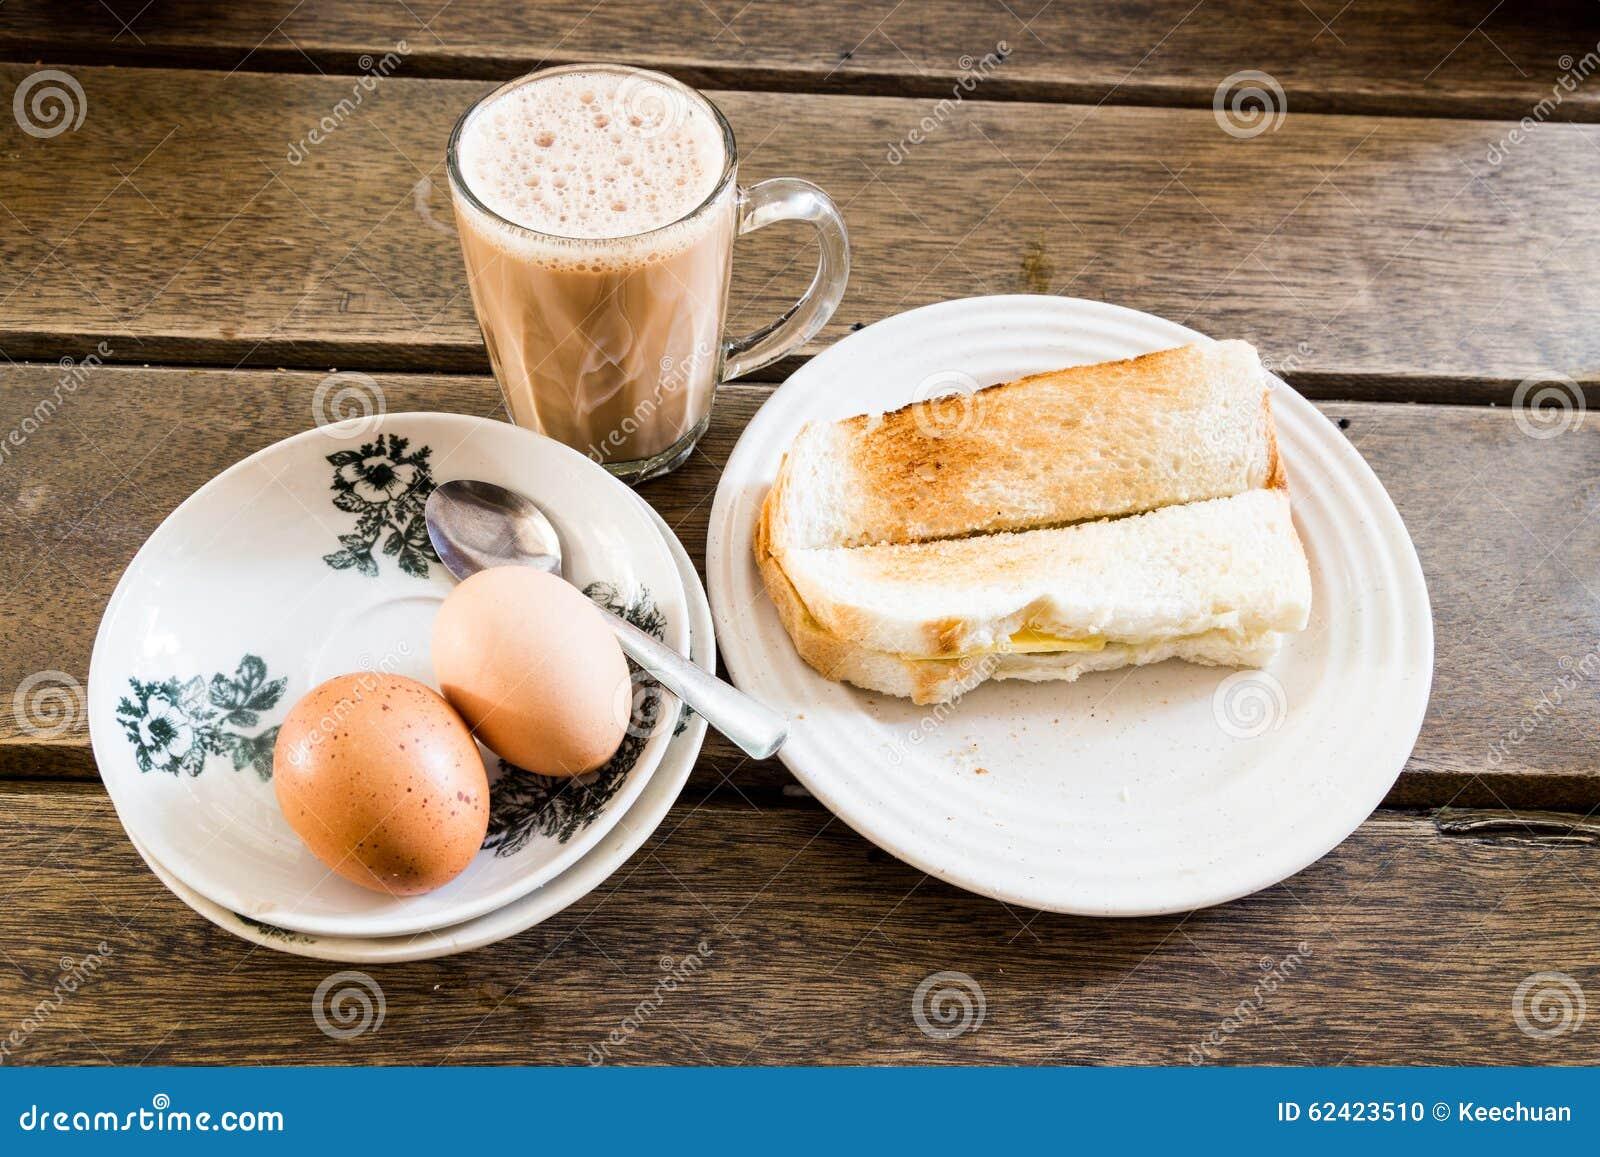 普遍的马来西亚早餐塔利克、多士面包和半煮沸